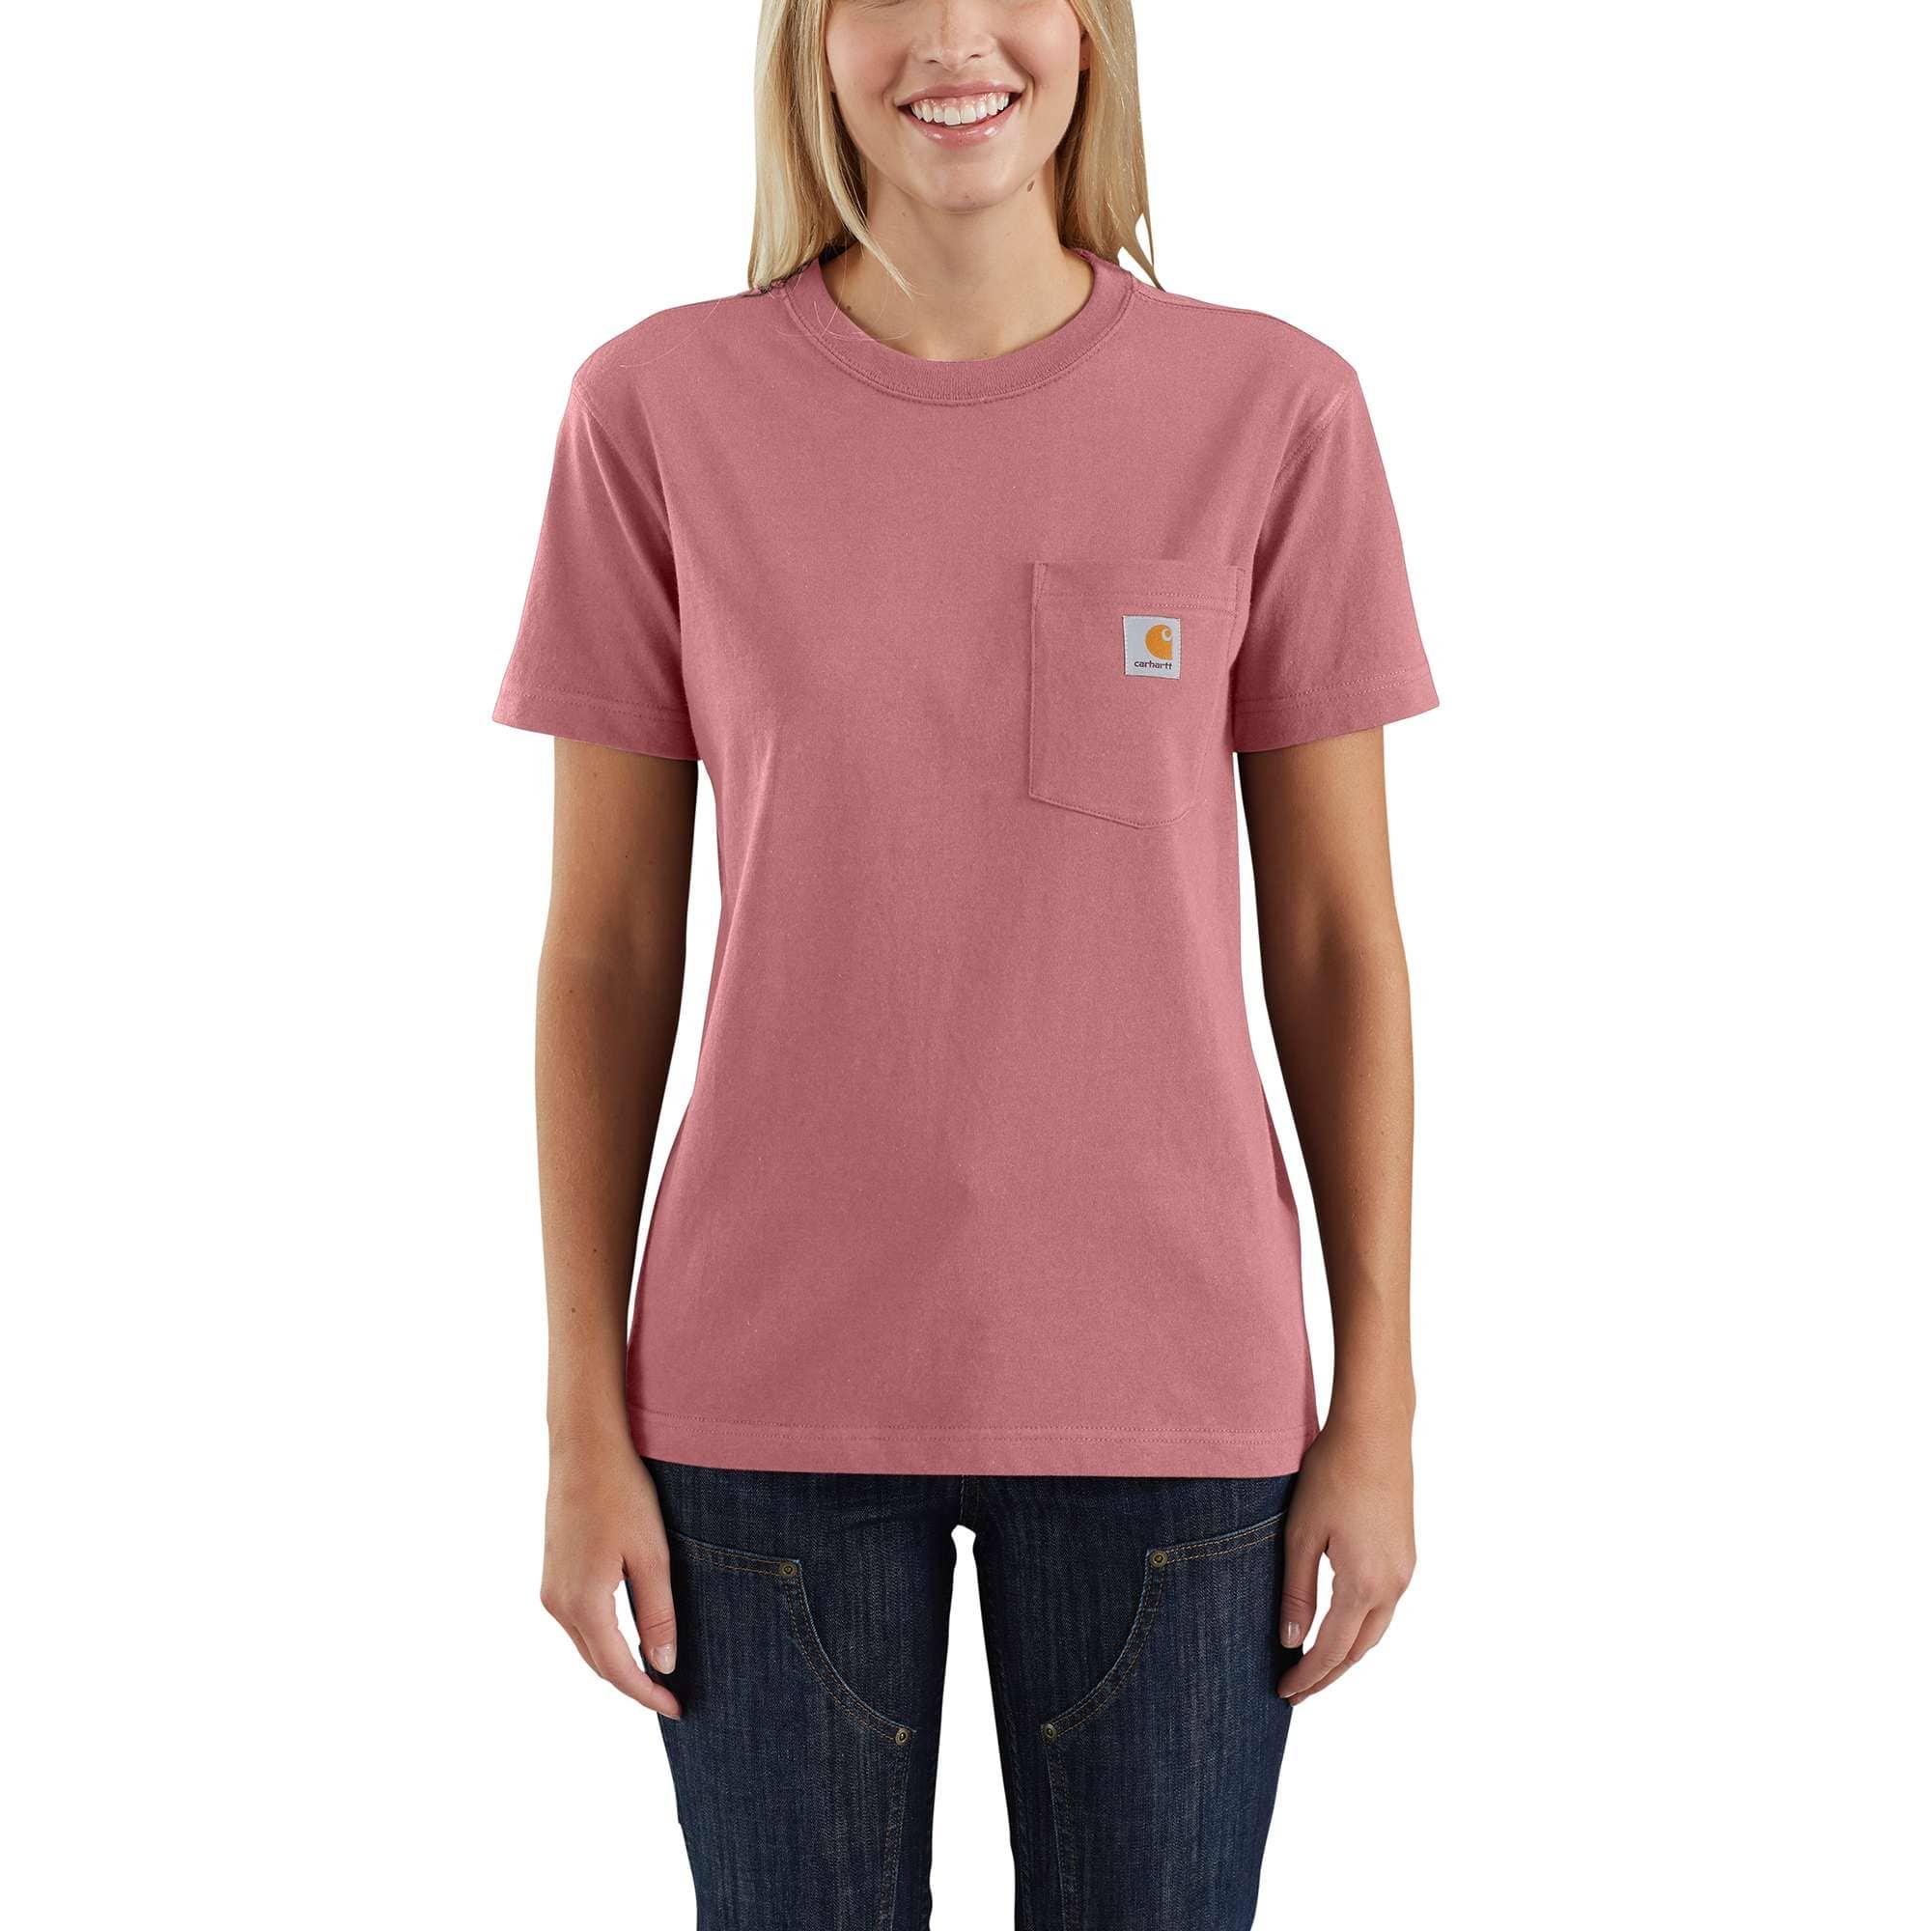 955265d46d0 Women s WK87 Workwear Pocket T-Shirt 103067